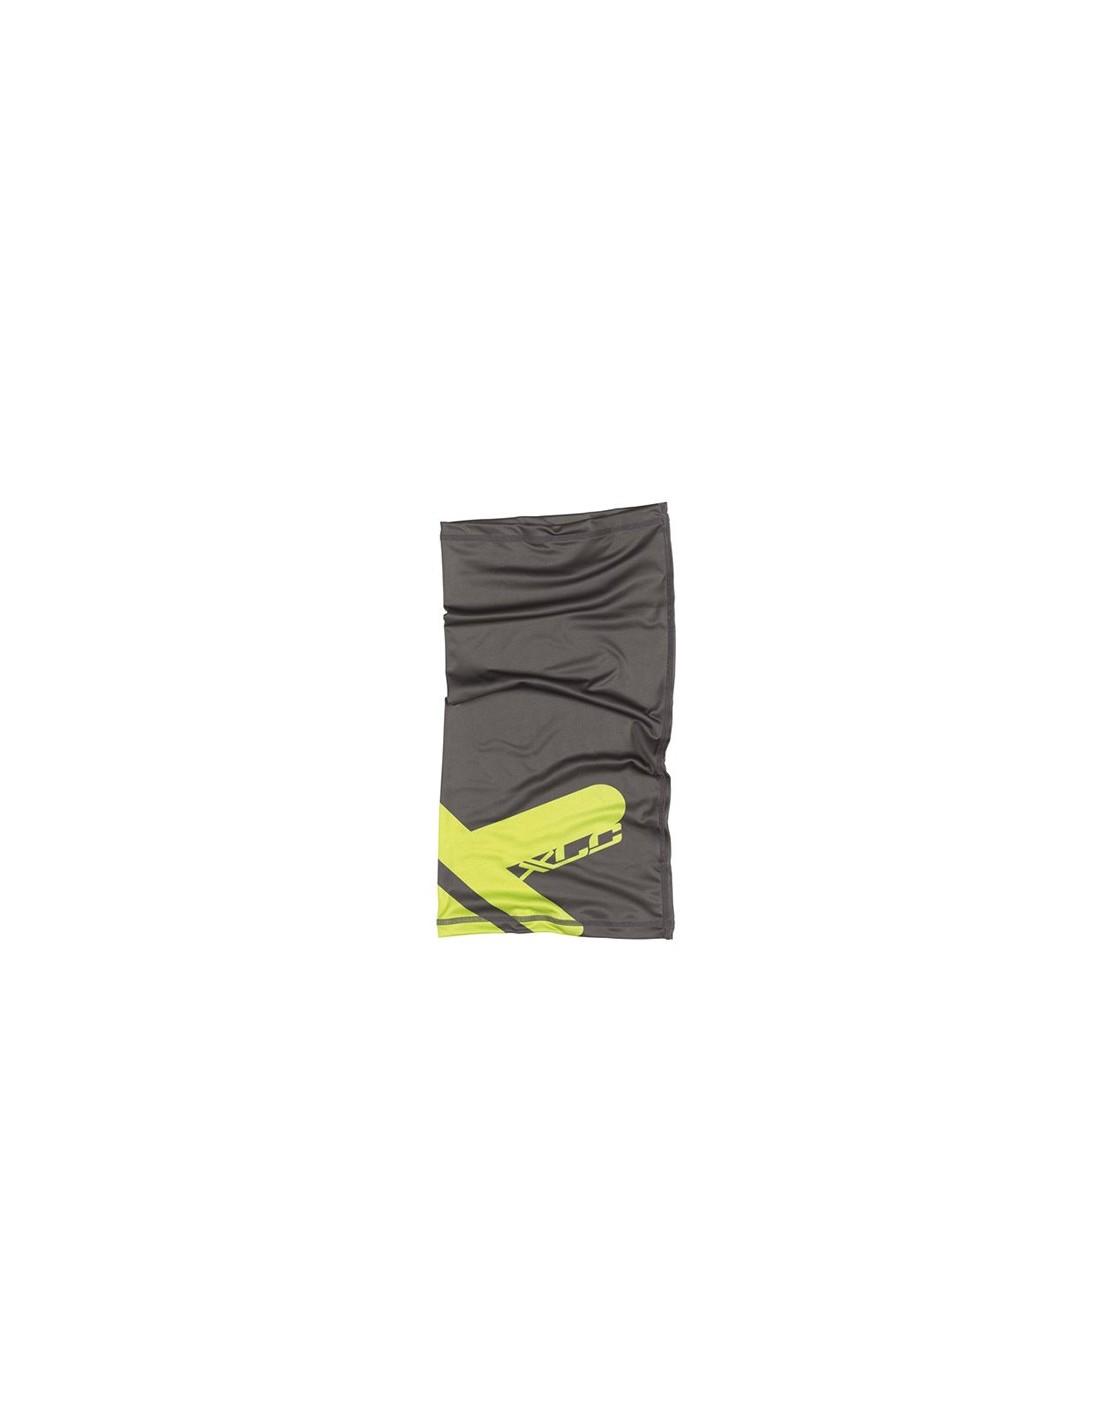 XLC cinta del pelo bh-h05 antracita//amarillo antracita//amarillo 1 unidades